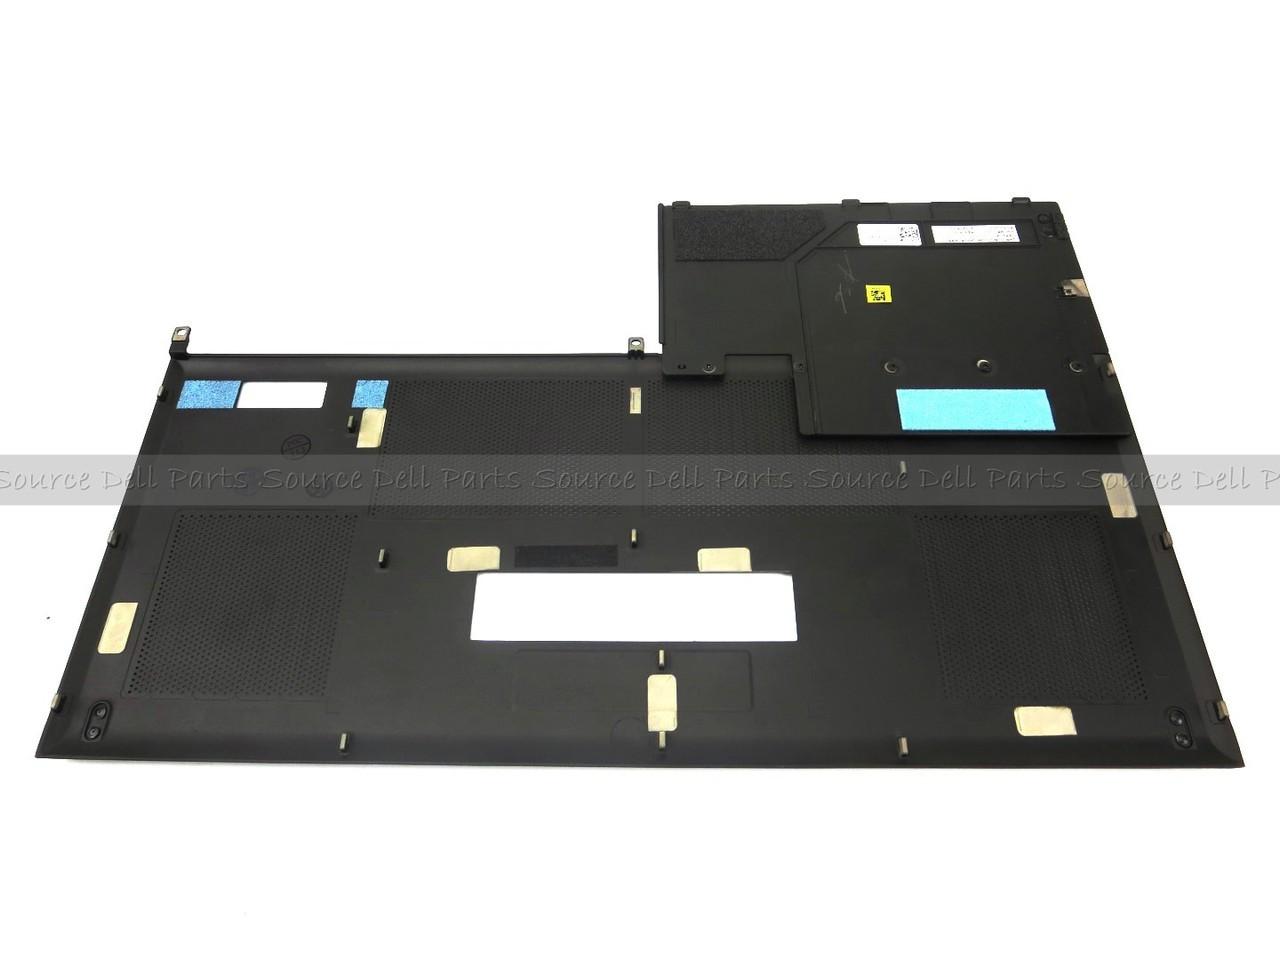 Dell Precision M4700 Bottom Access Panel Cover - MR20M